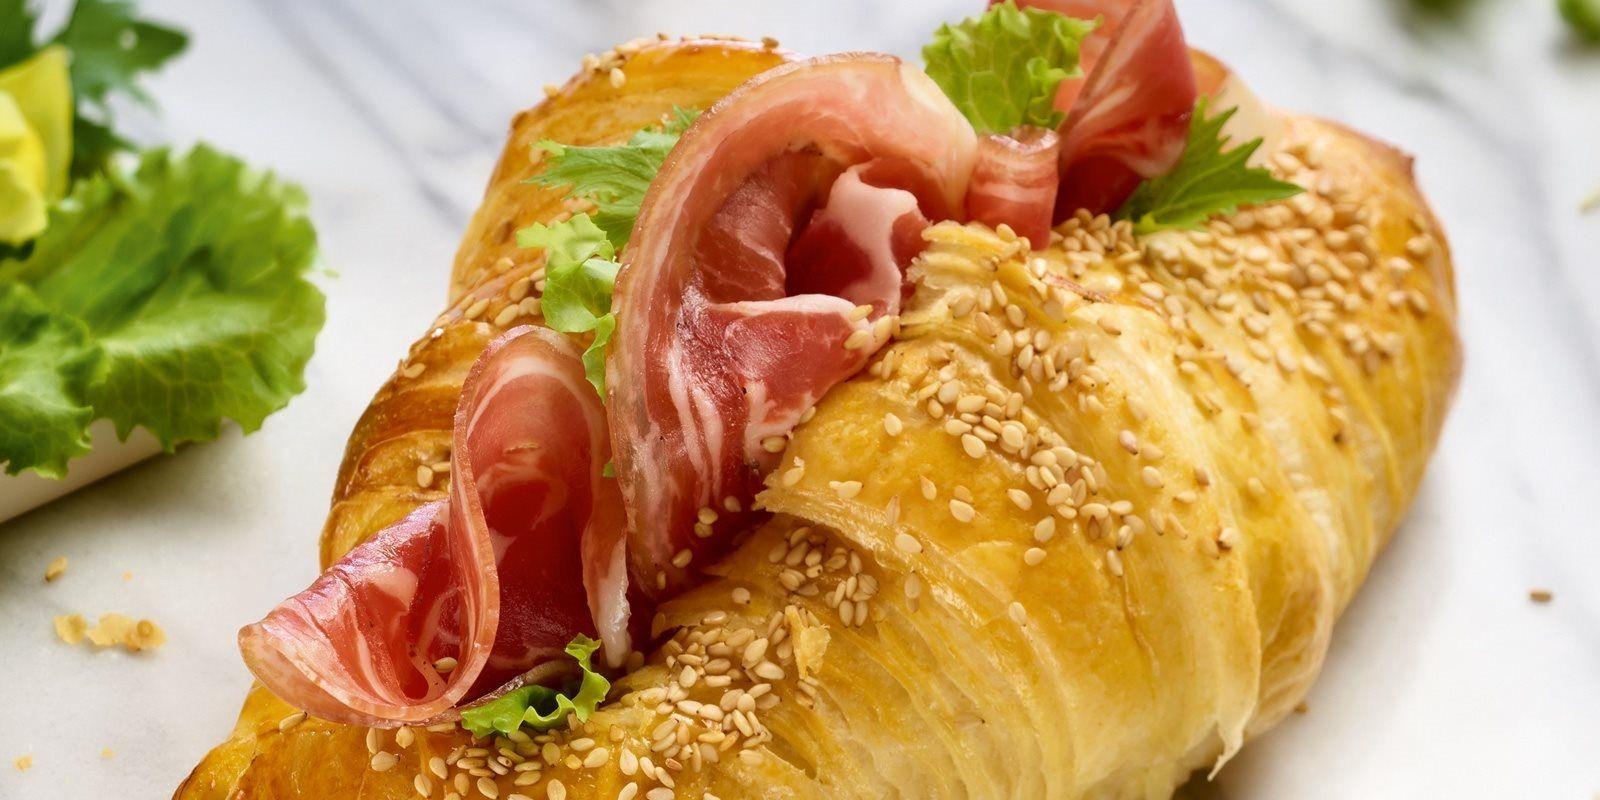 levoni_emozionale_ricette_panino_pancetta